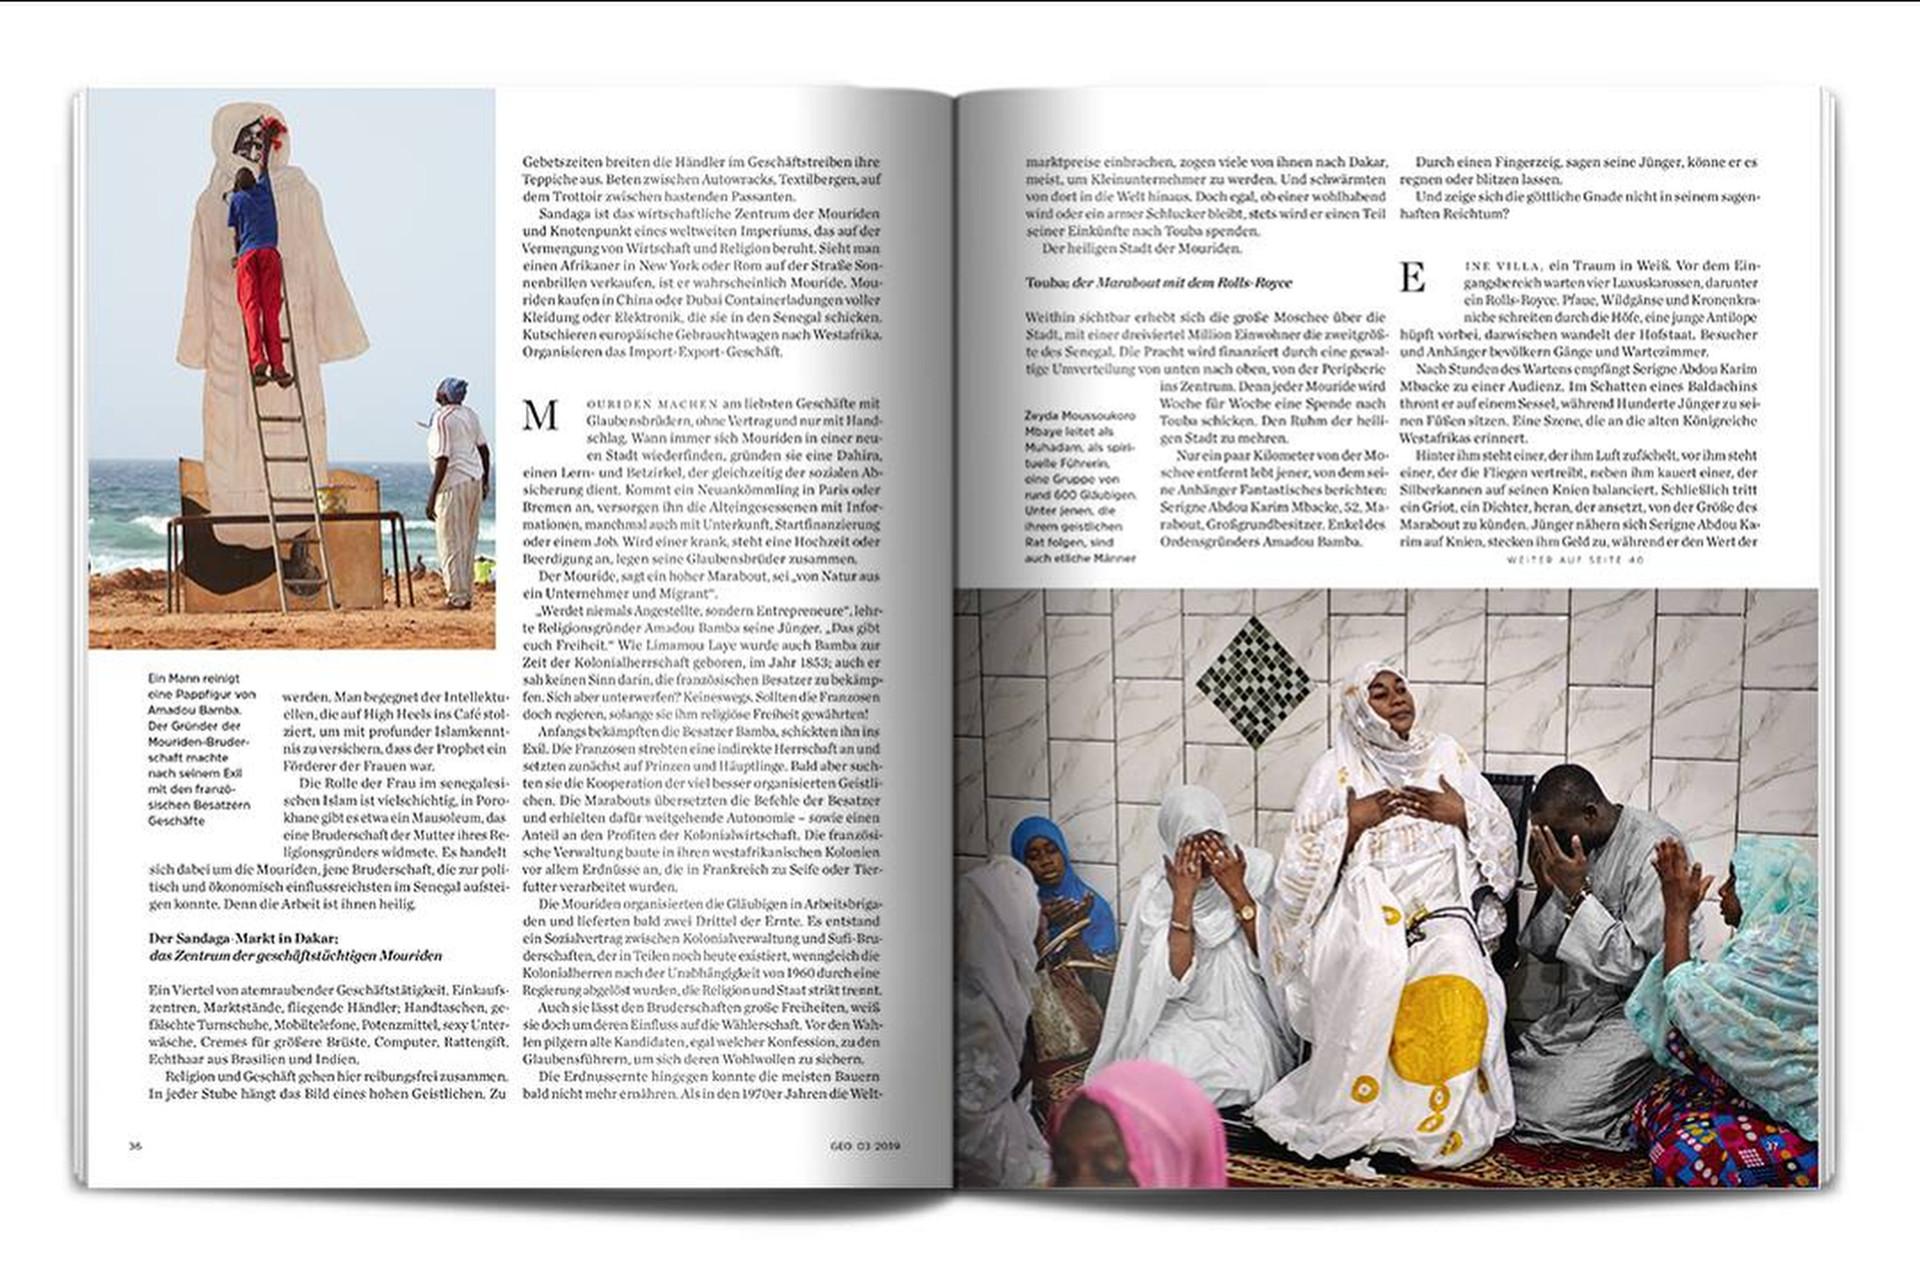 008_Sufism_Senegal.JPG